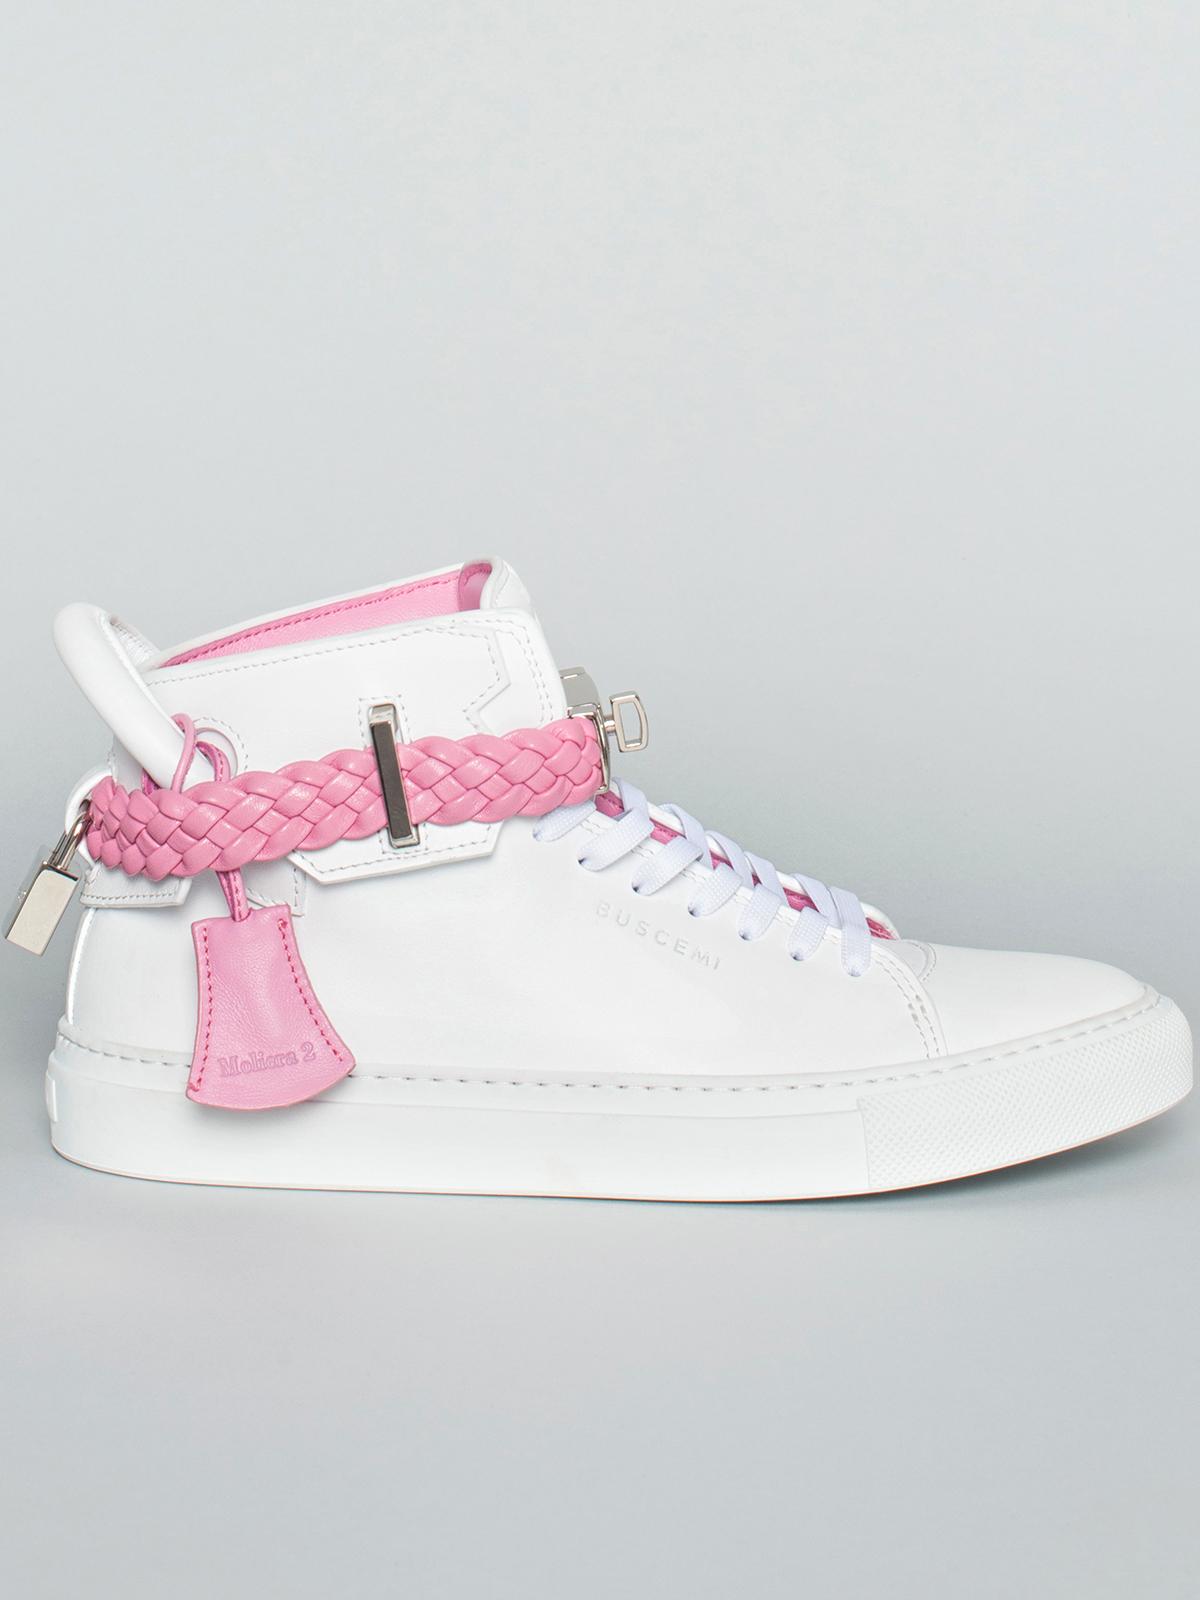 Sneakersy Buscemi dla Moliera 2